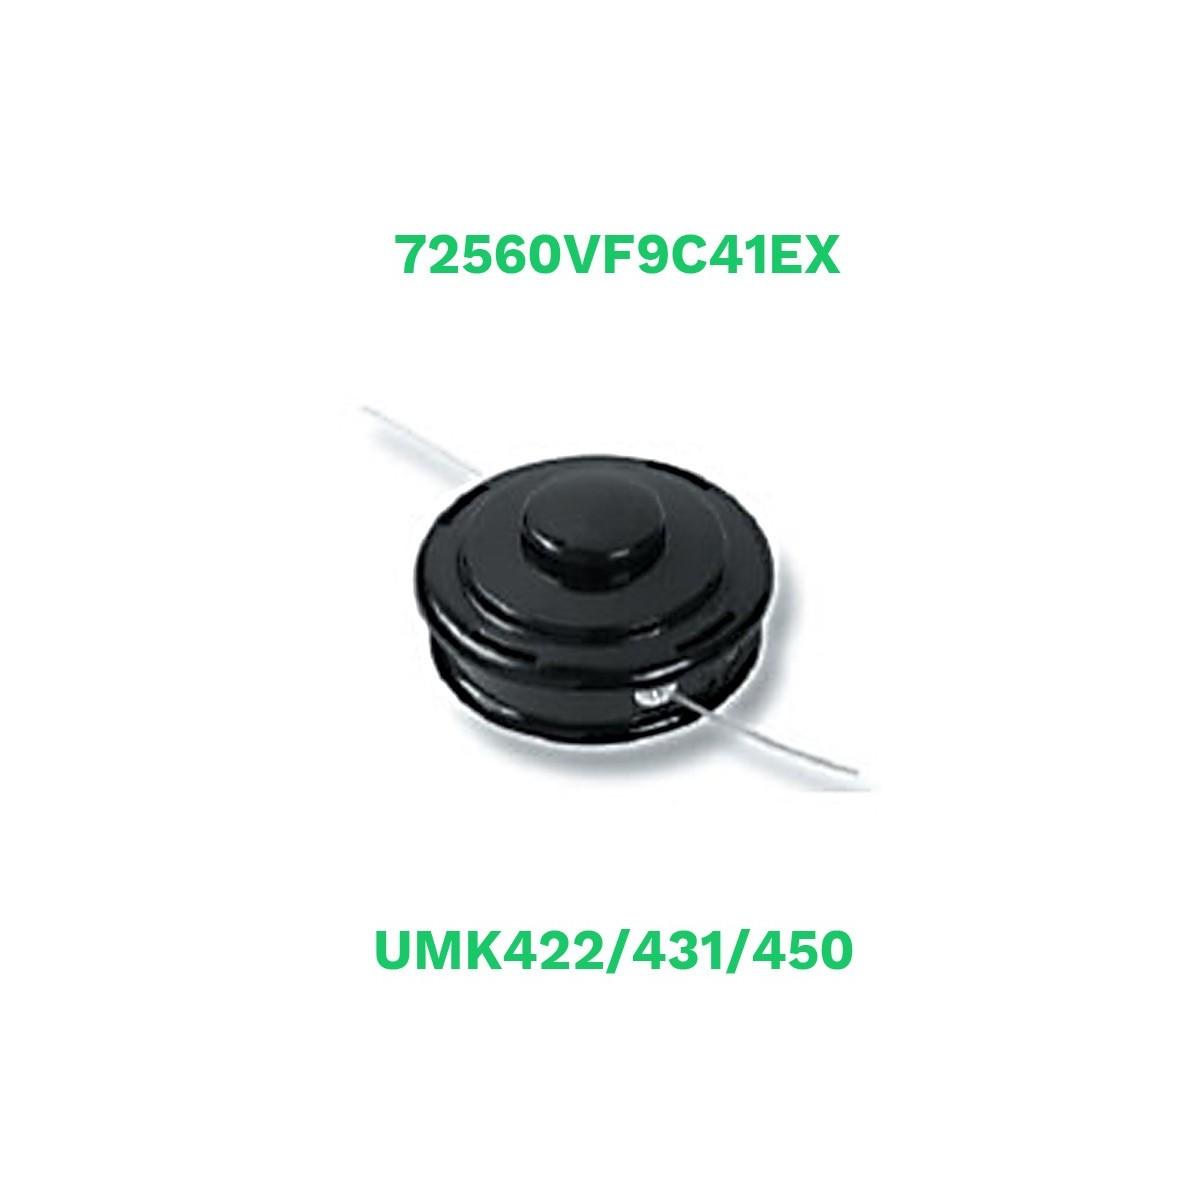 Honda cabezal semiautomatico nylon umk422/431/450 (72560vf9c41ex)